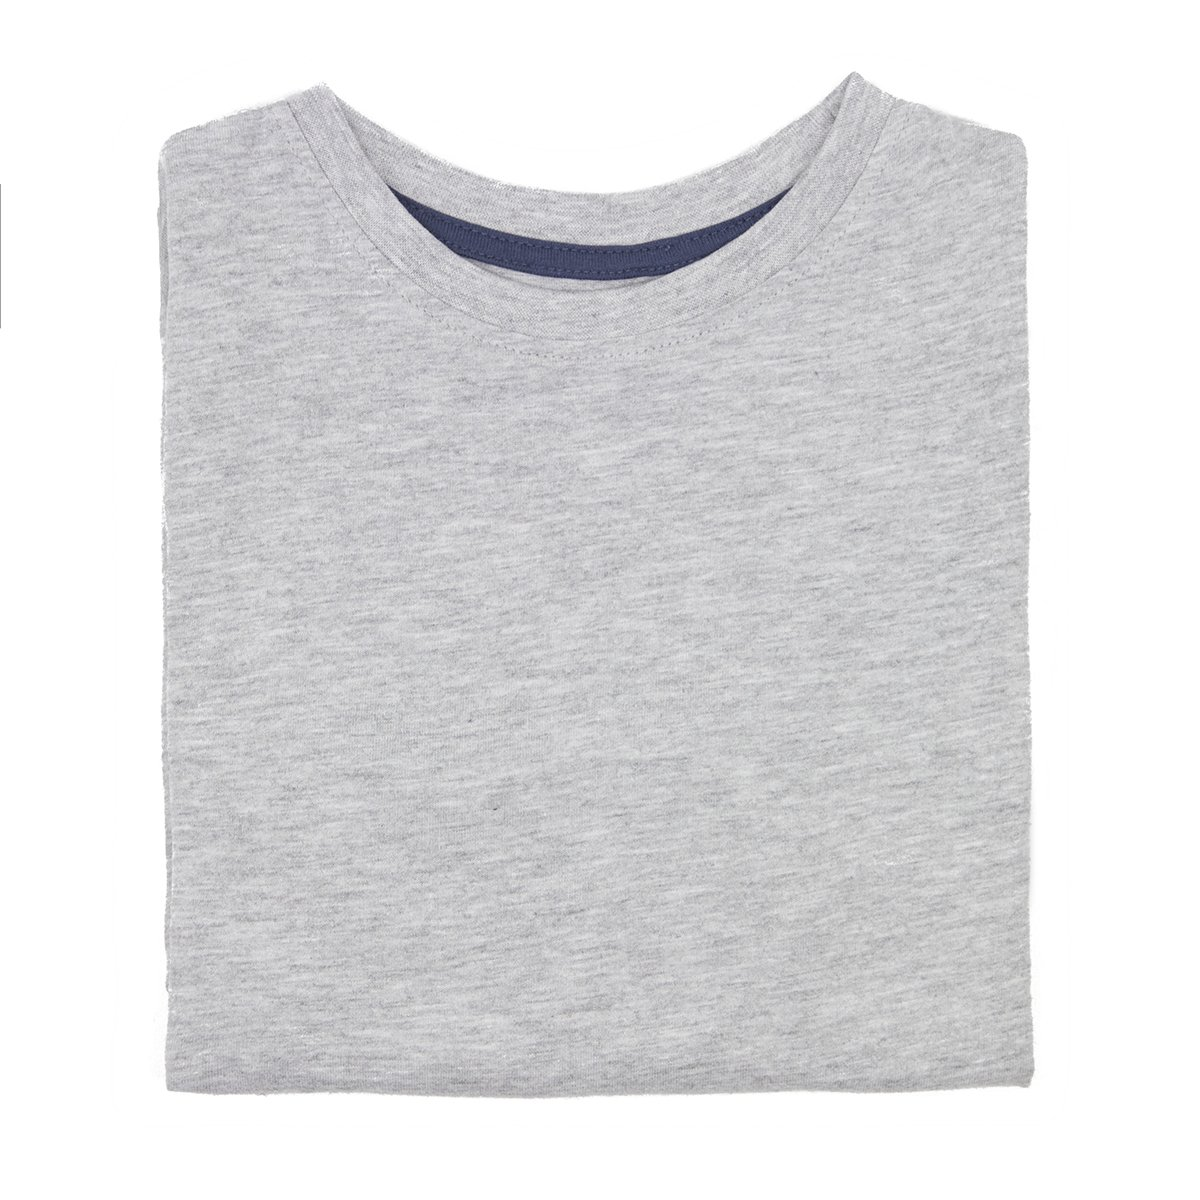 Primark Calcetines Cars, Camiseta de Manga Larga para Niños, Azul Oscuro, Gris 5-6 años: Amazon.es: Ropa y accesorios